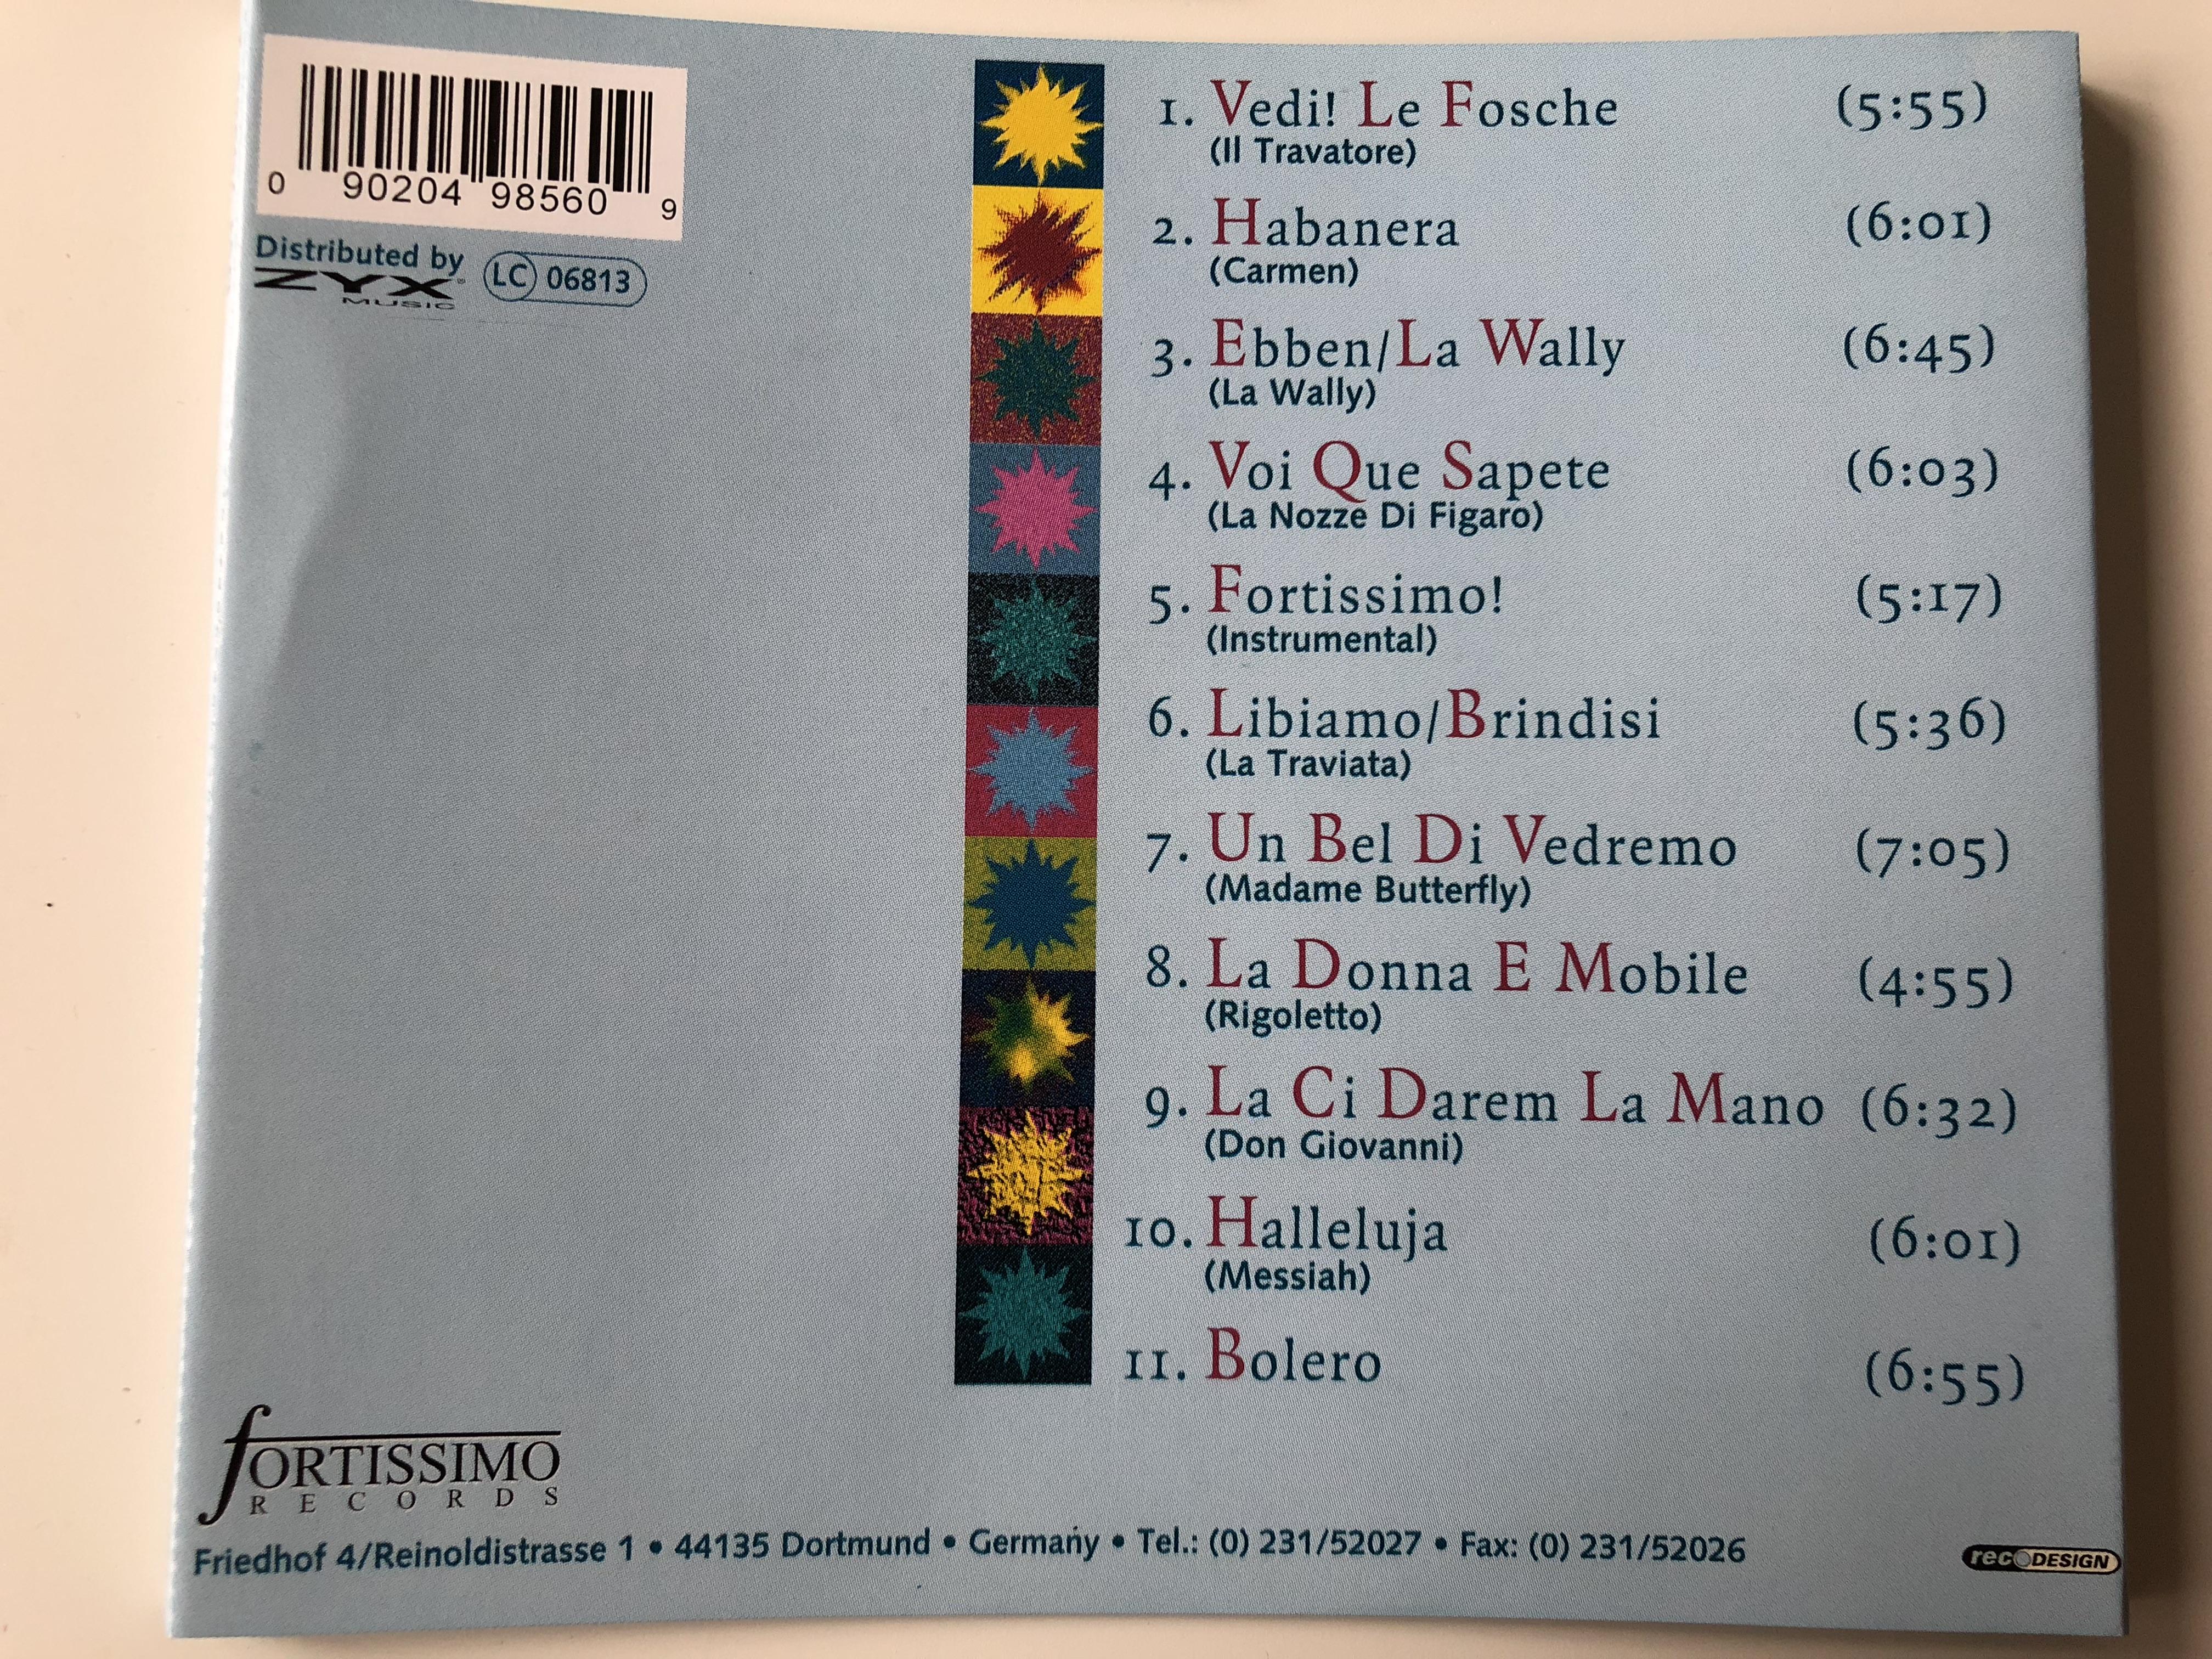 trance-opera-fortissimo-audio-cd-1995-il-travatore-carmen-la-wally-madame-butterfly-rigoletto-don-giovaanni-bolero-2-.jpg